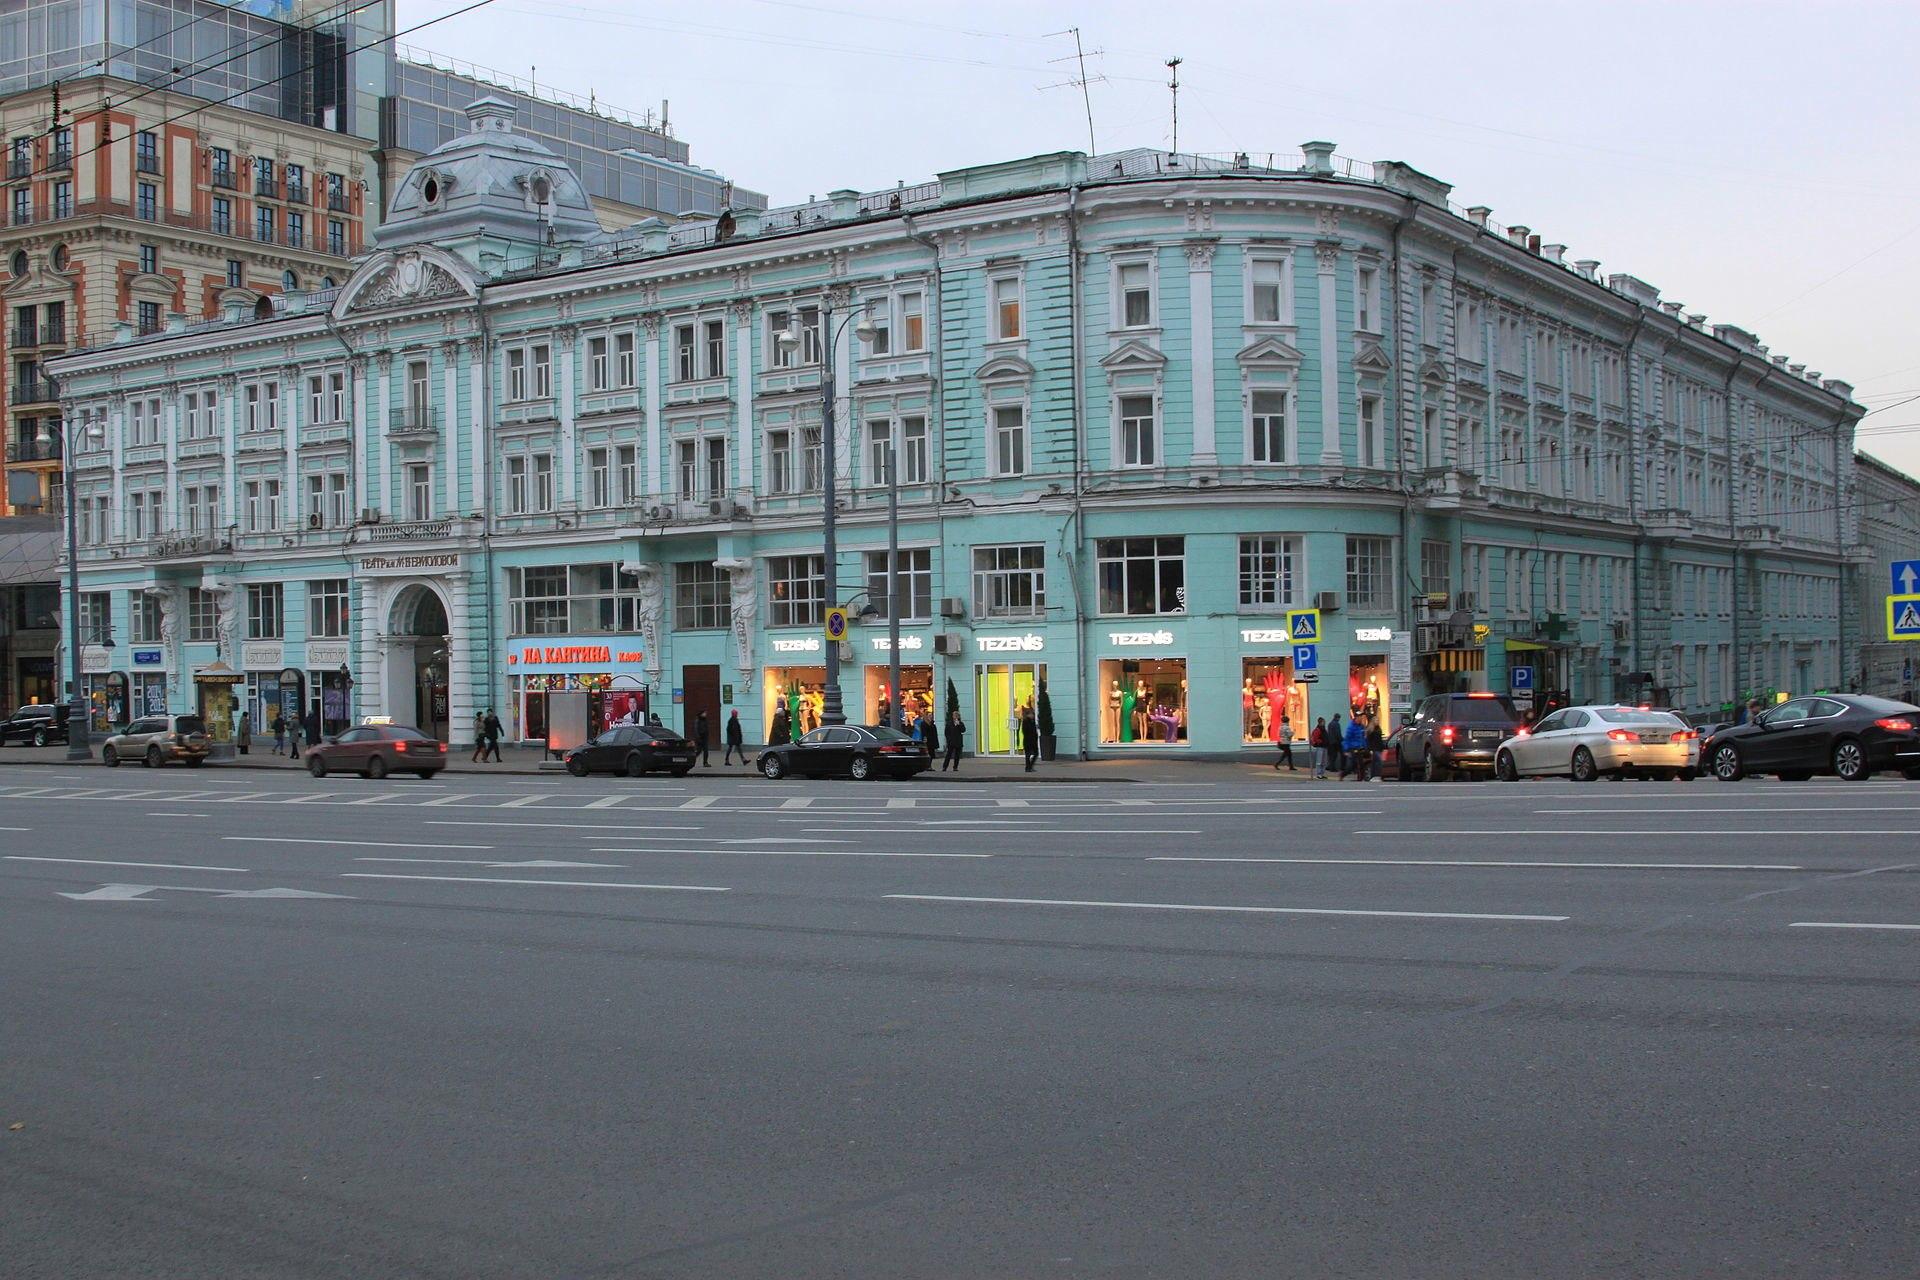 e5AG15aw71Y Тверская - главная улица Москвы